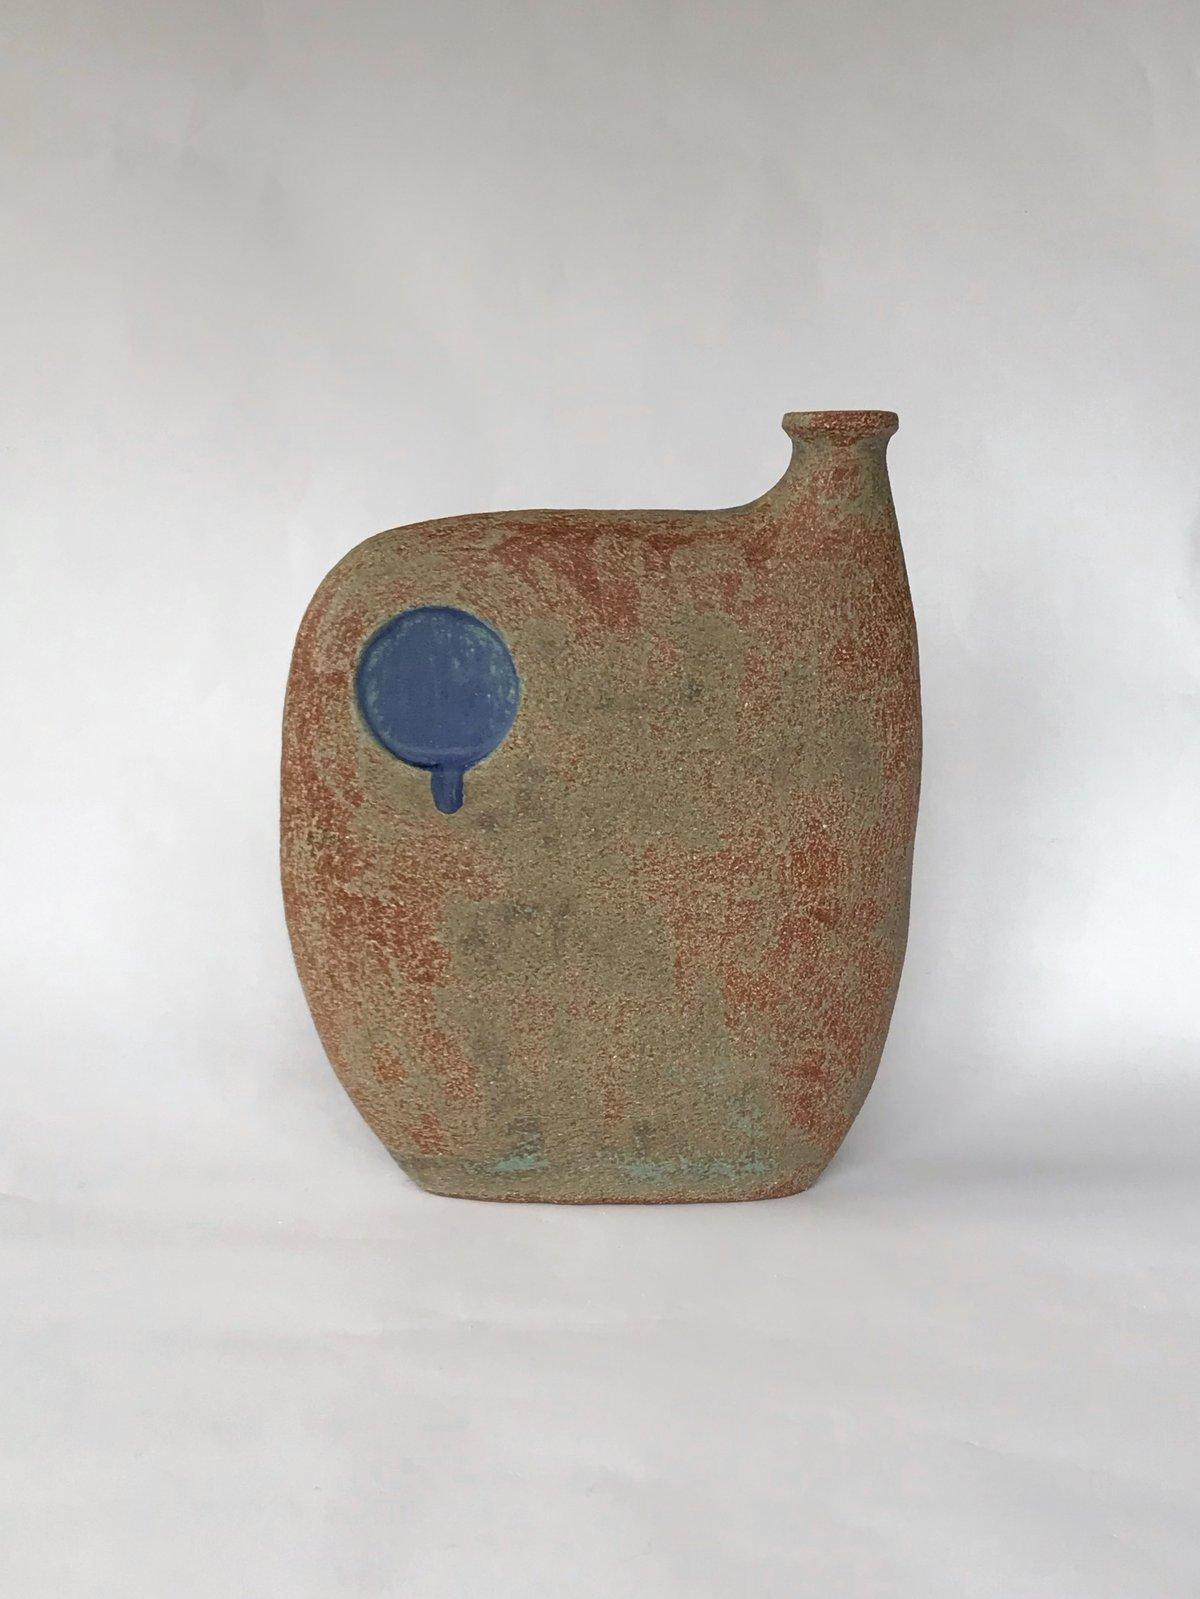 Image of Bottle; Blue Circle